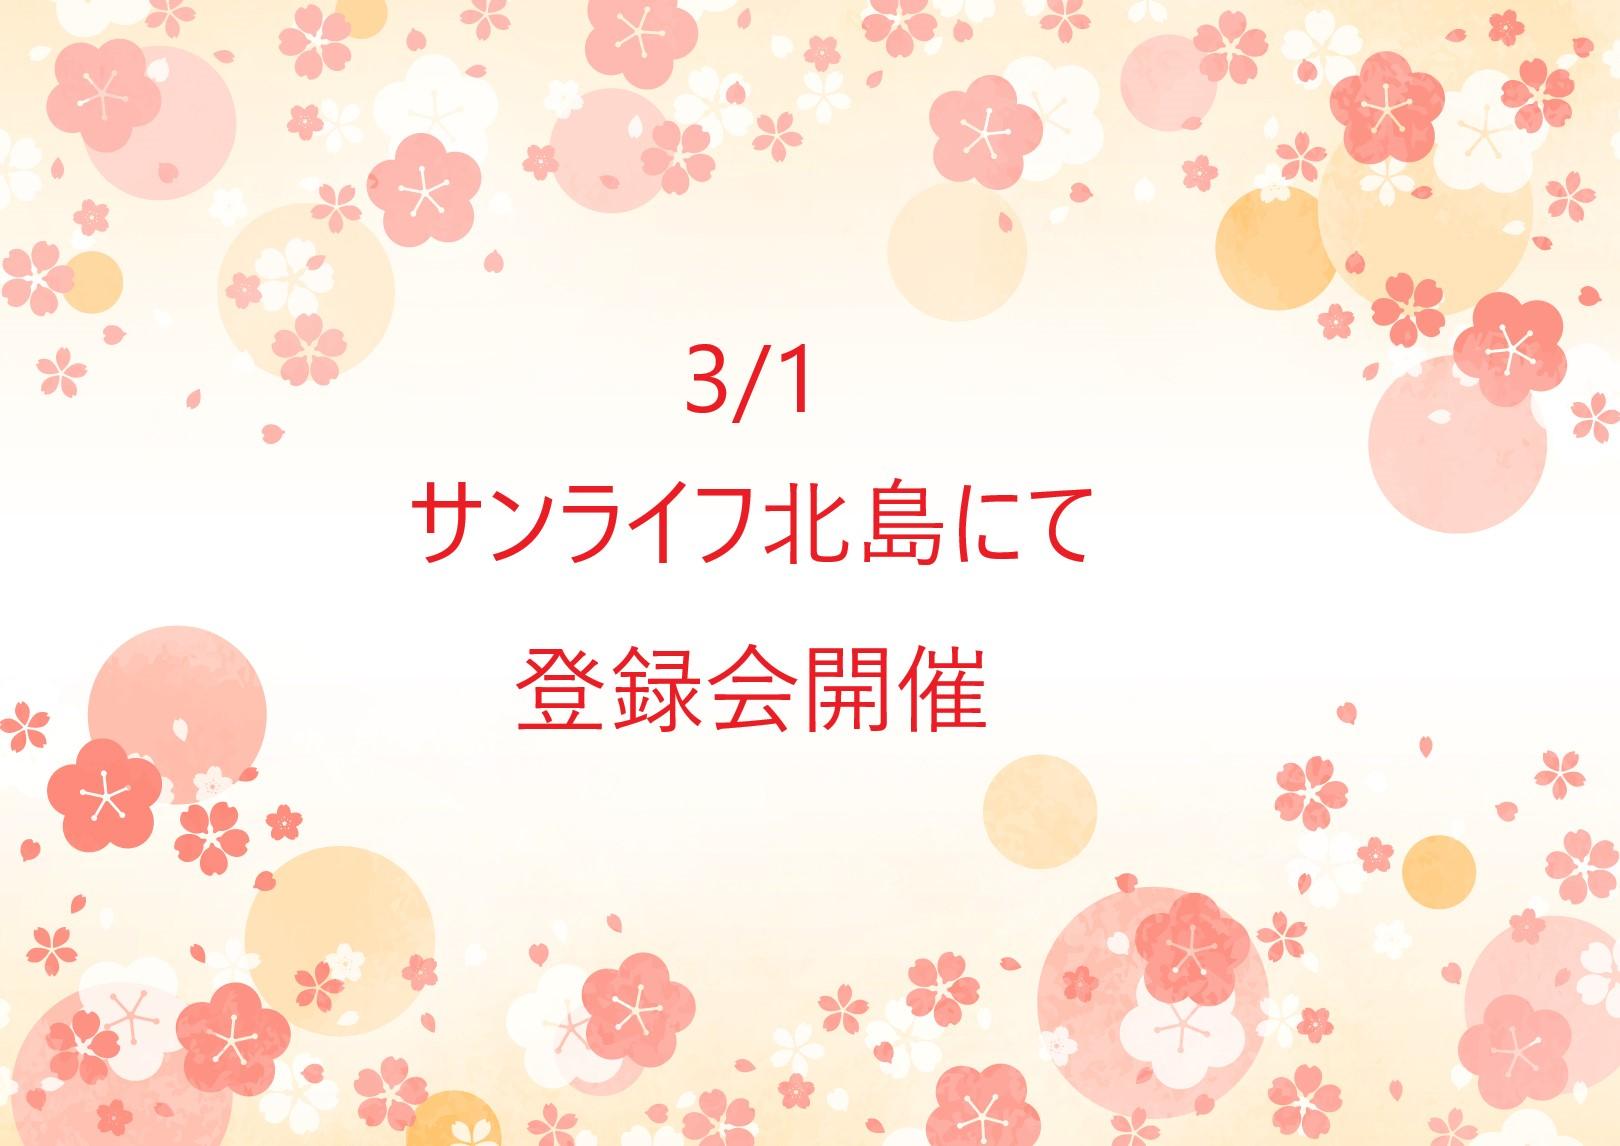 ☆来週の登録会のお知らせ☆